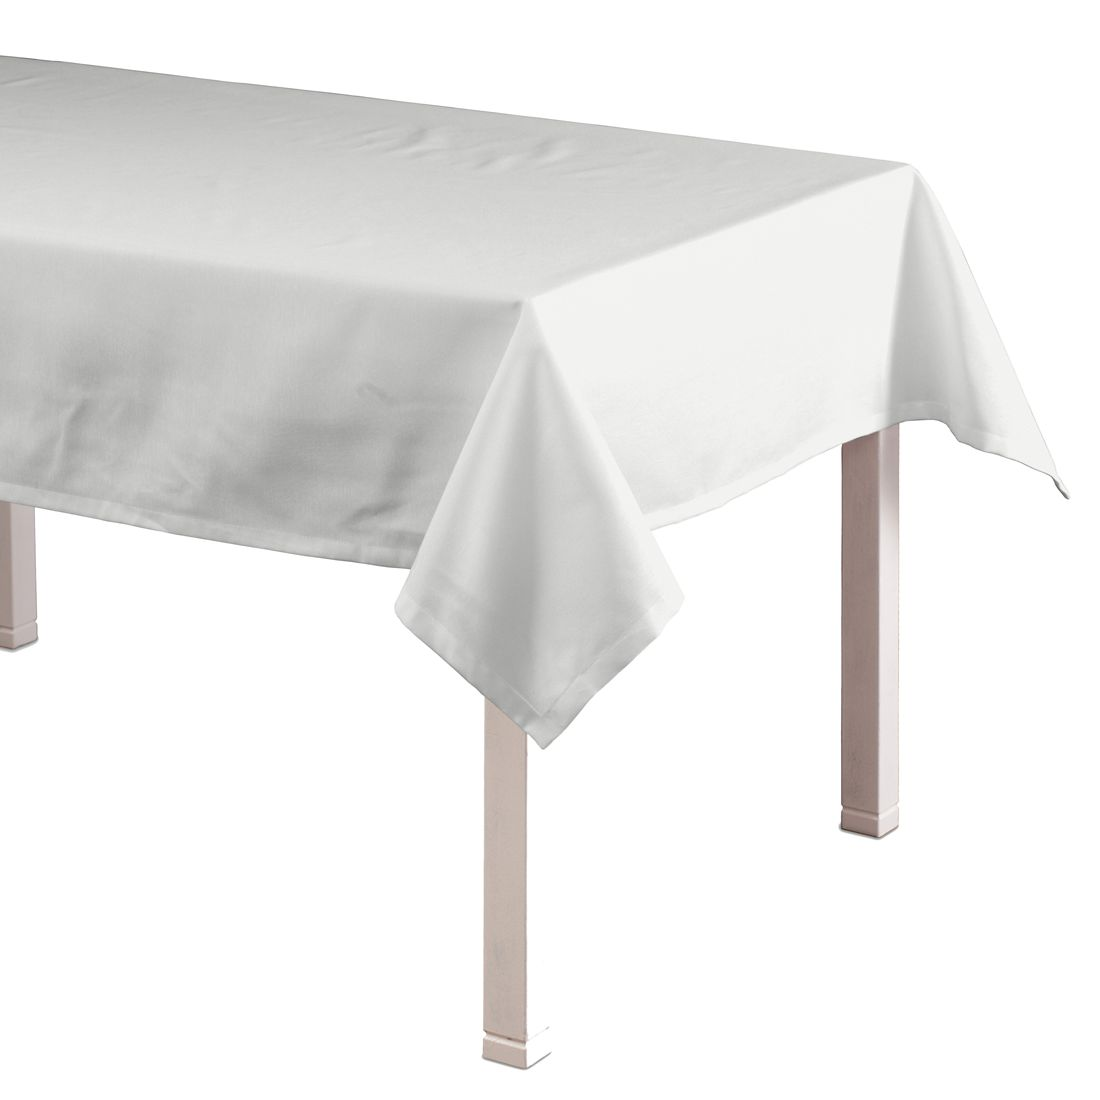 Tischdecke Loneta – Weiß – 130 x 250 cm, Dekoria jetzt kaufen